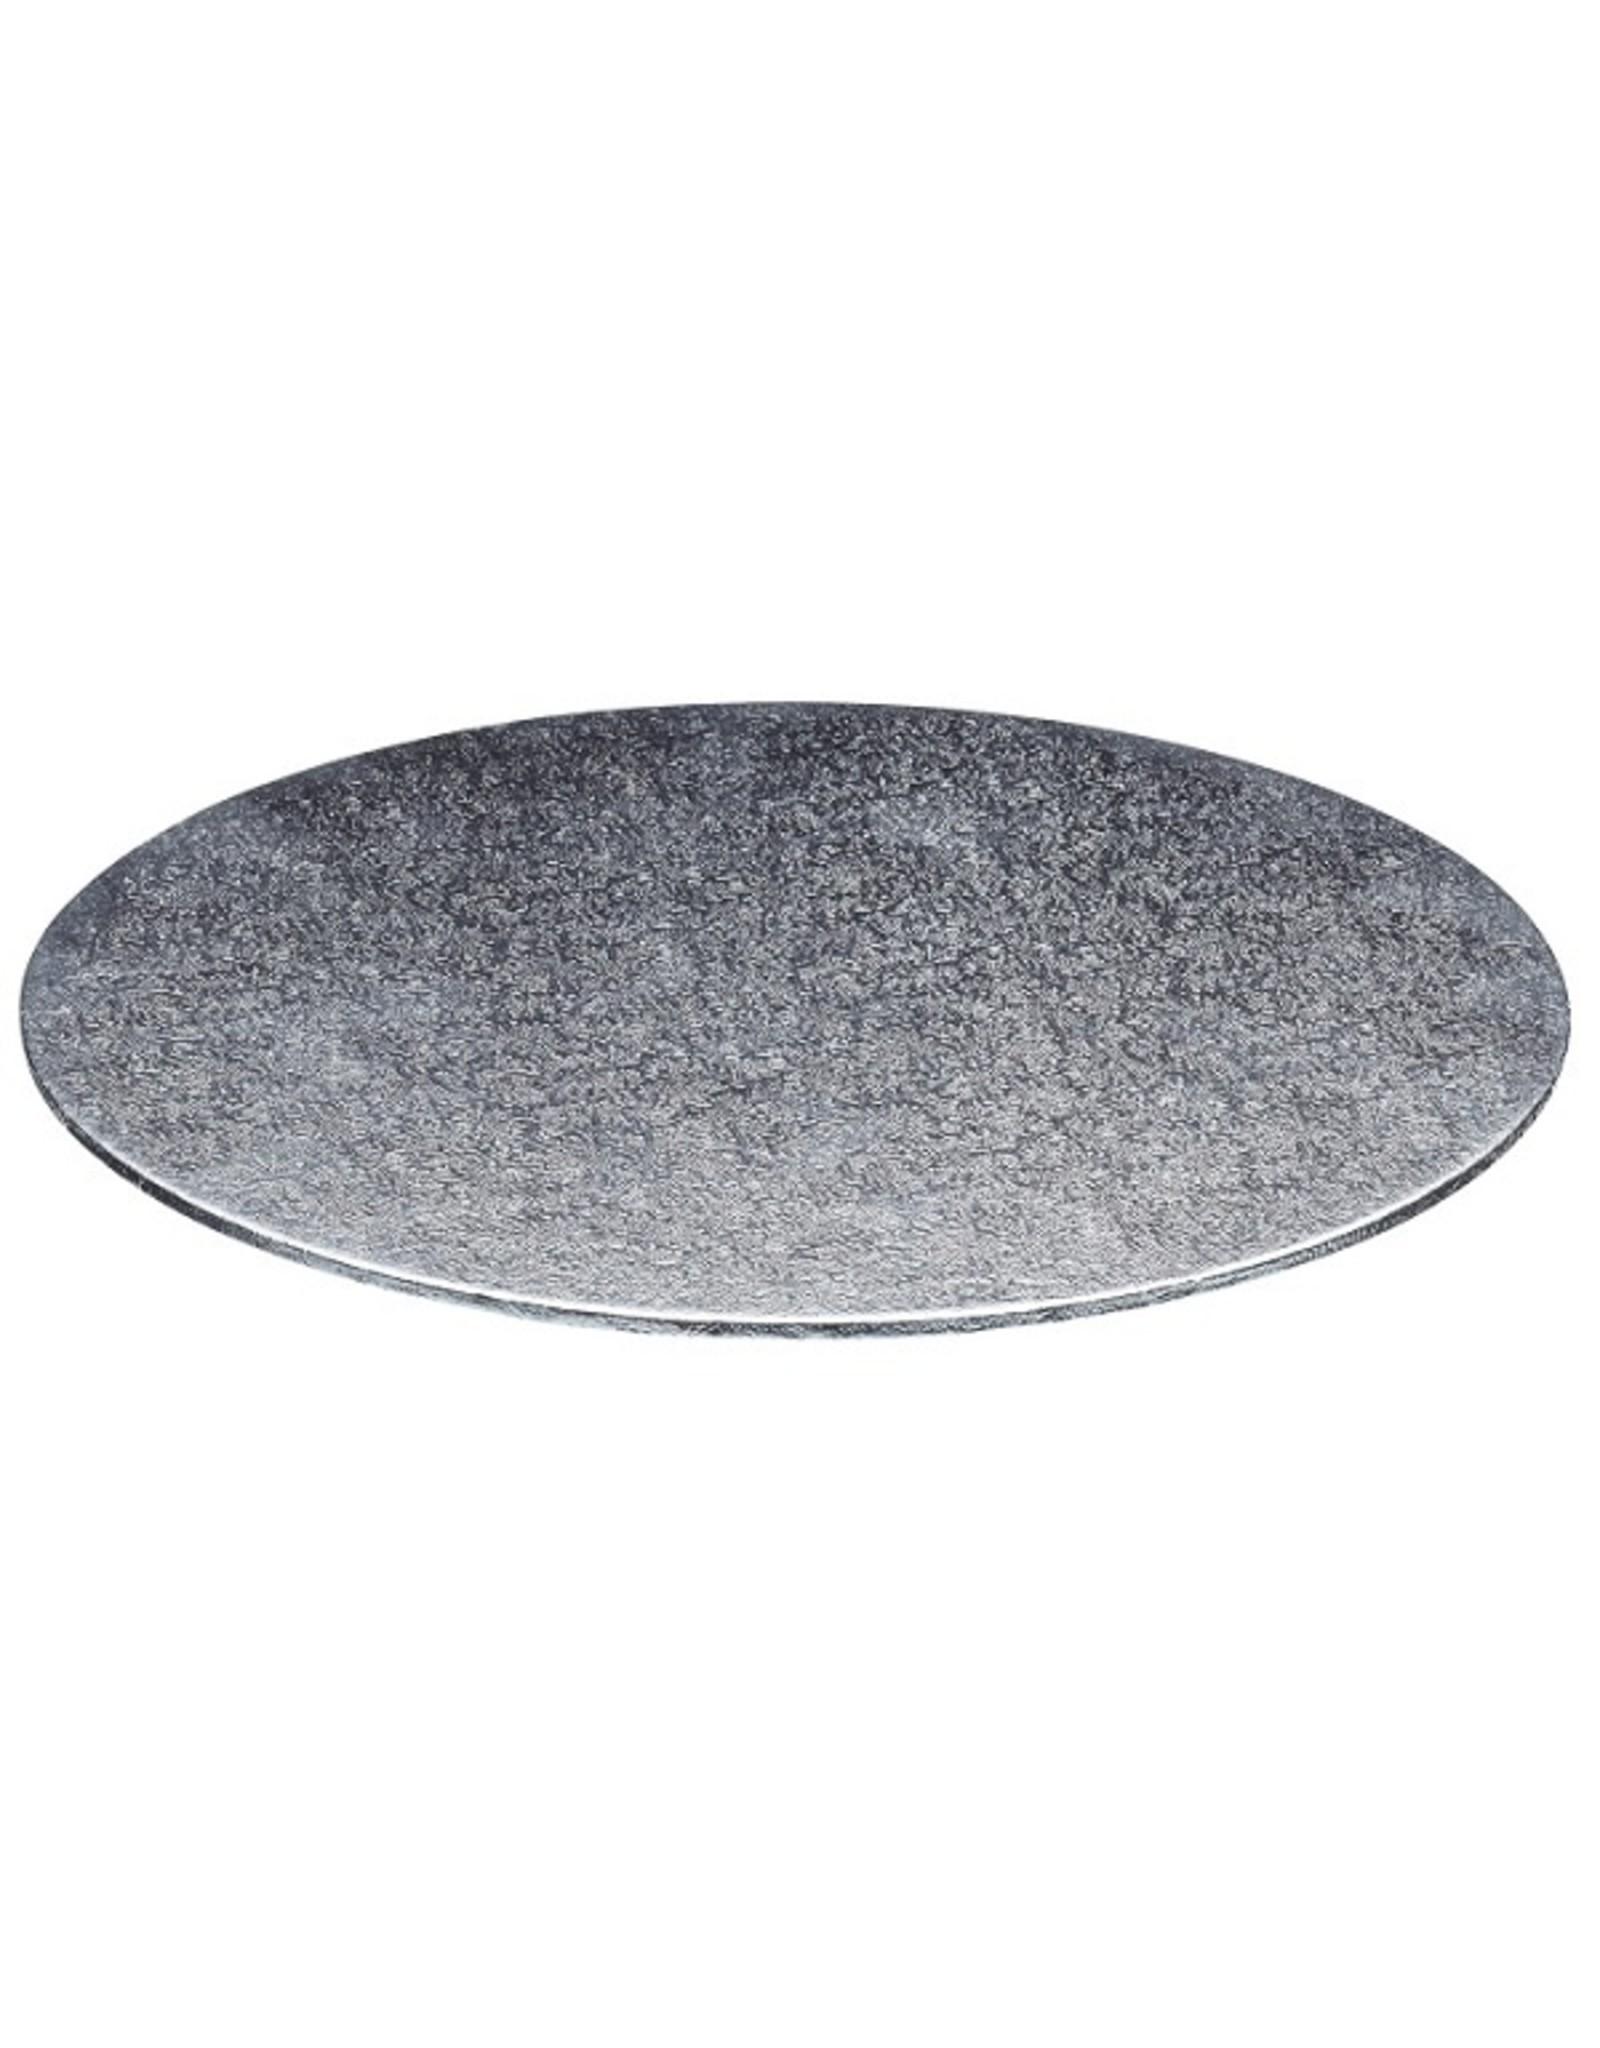 Cakeboards Ø355 mm - zilver (per 10 stuks)